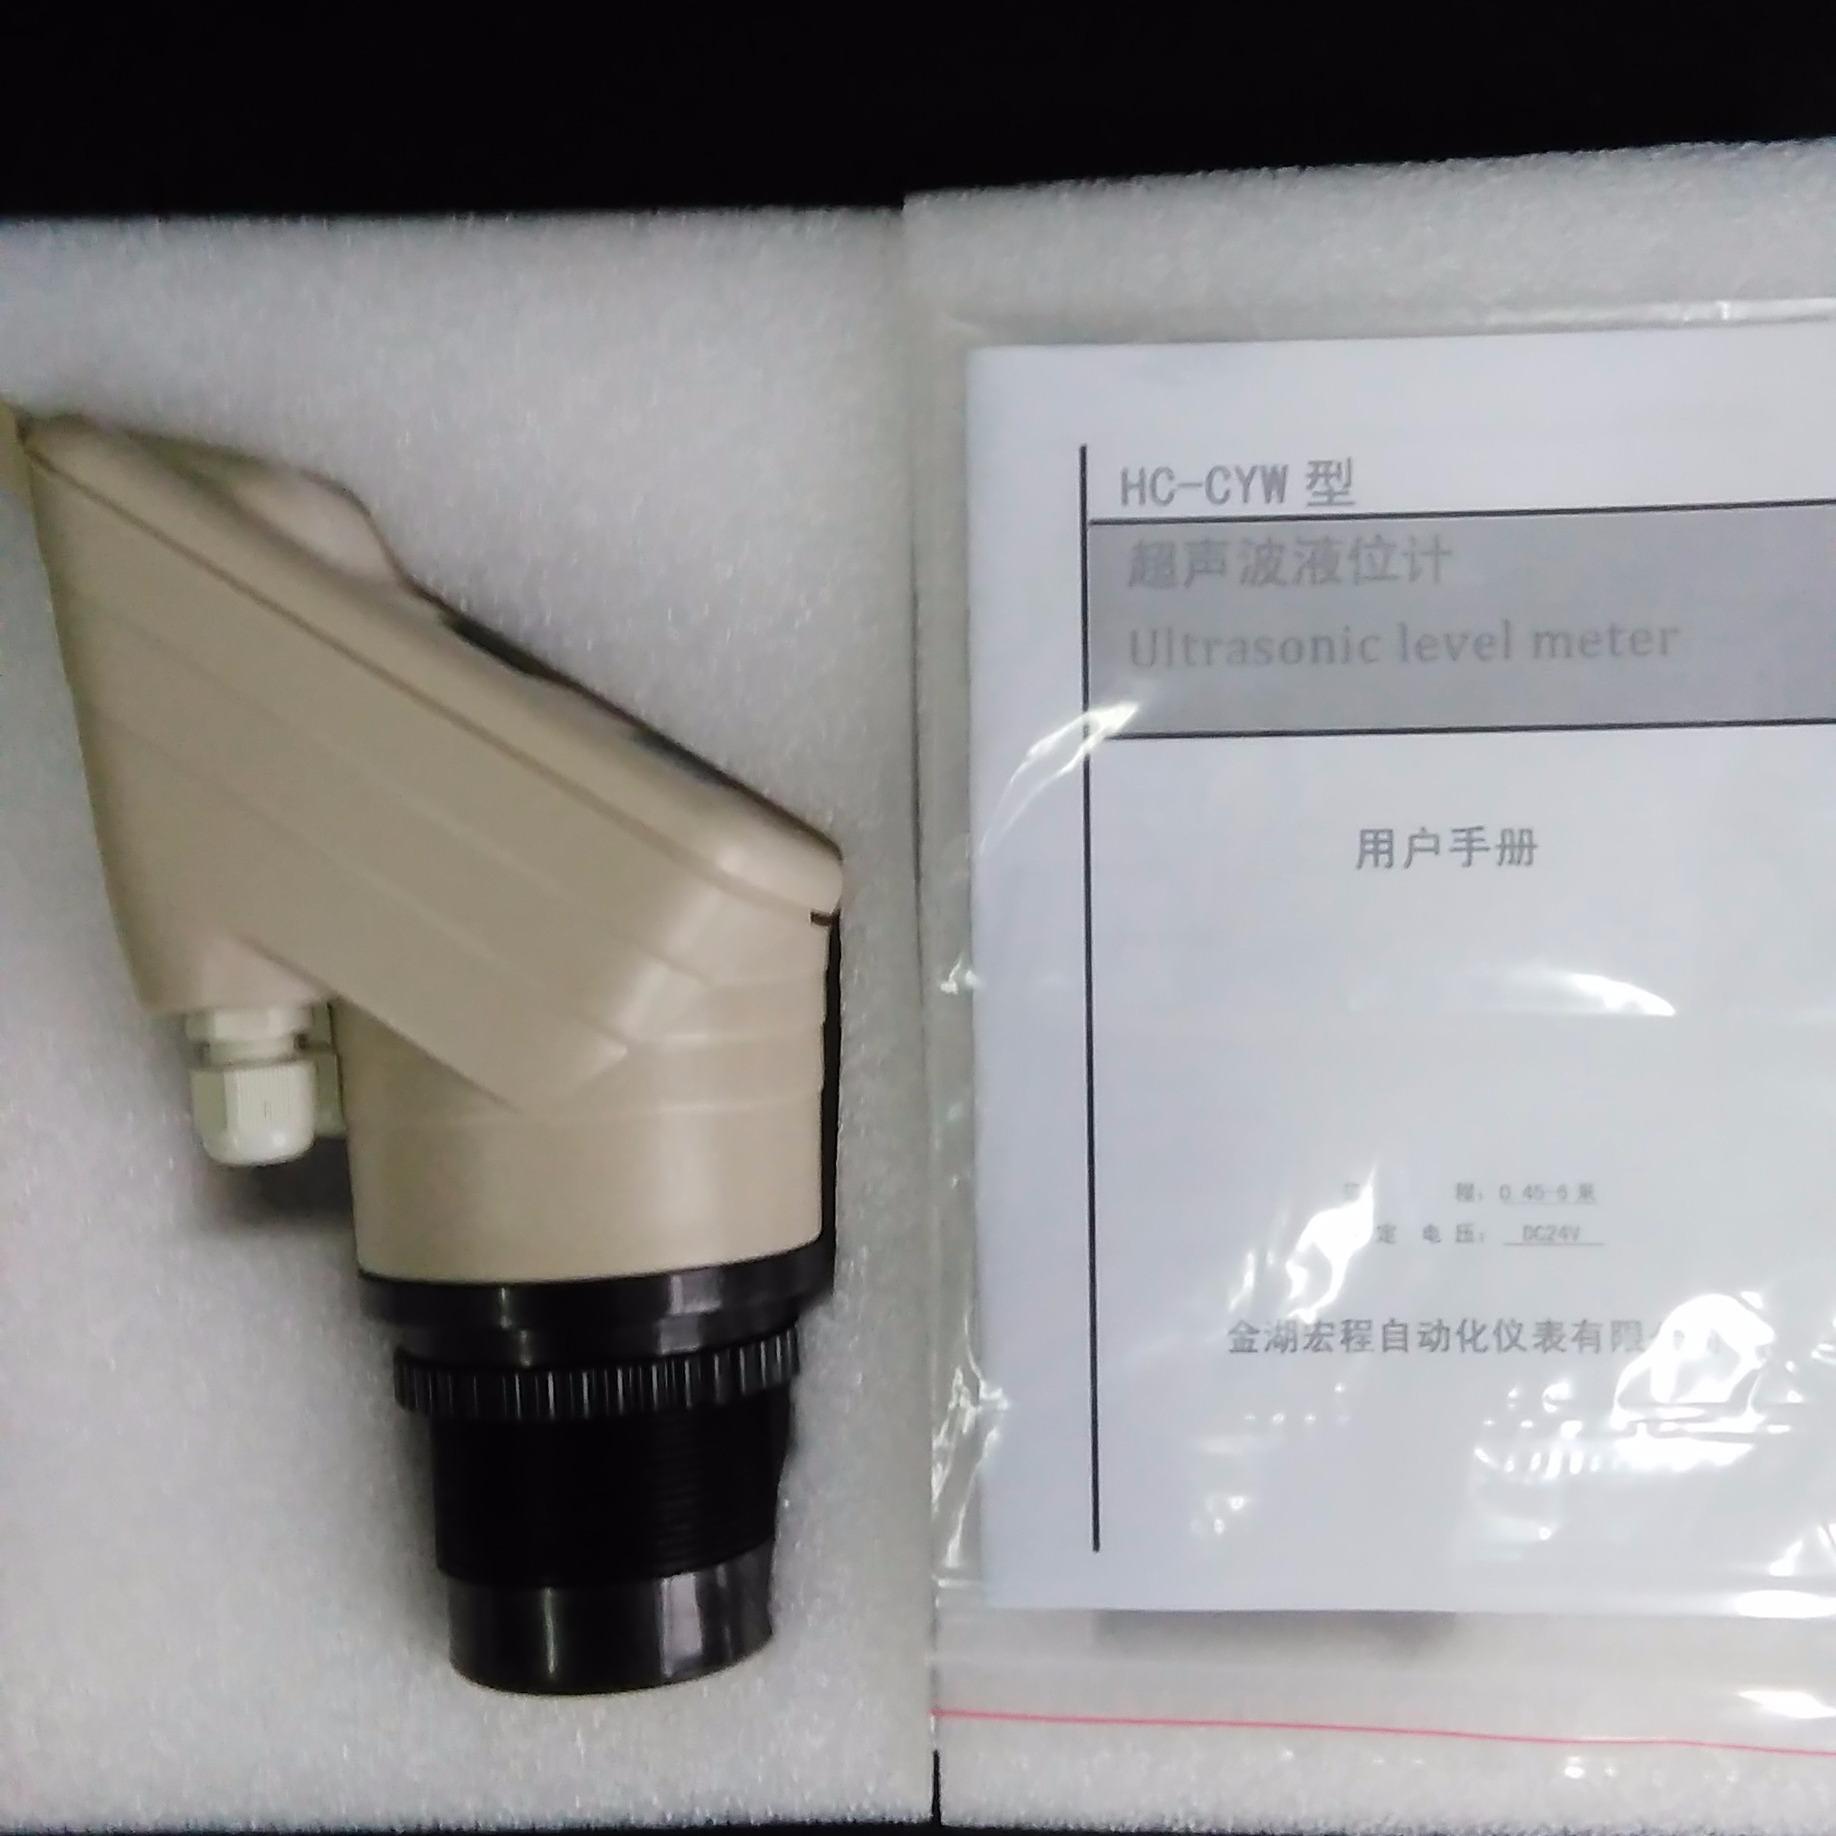 一体式超声波液位计物位计料位计 非接触式液位测量 可带HART协议 DC24V 量程10米